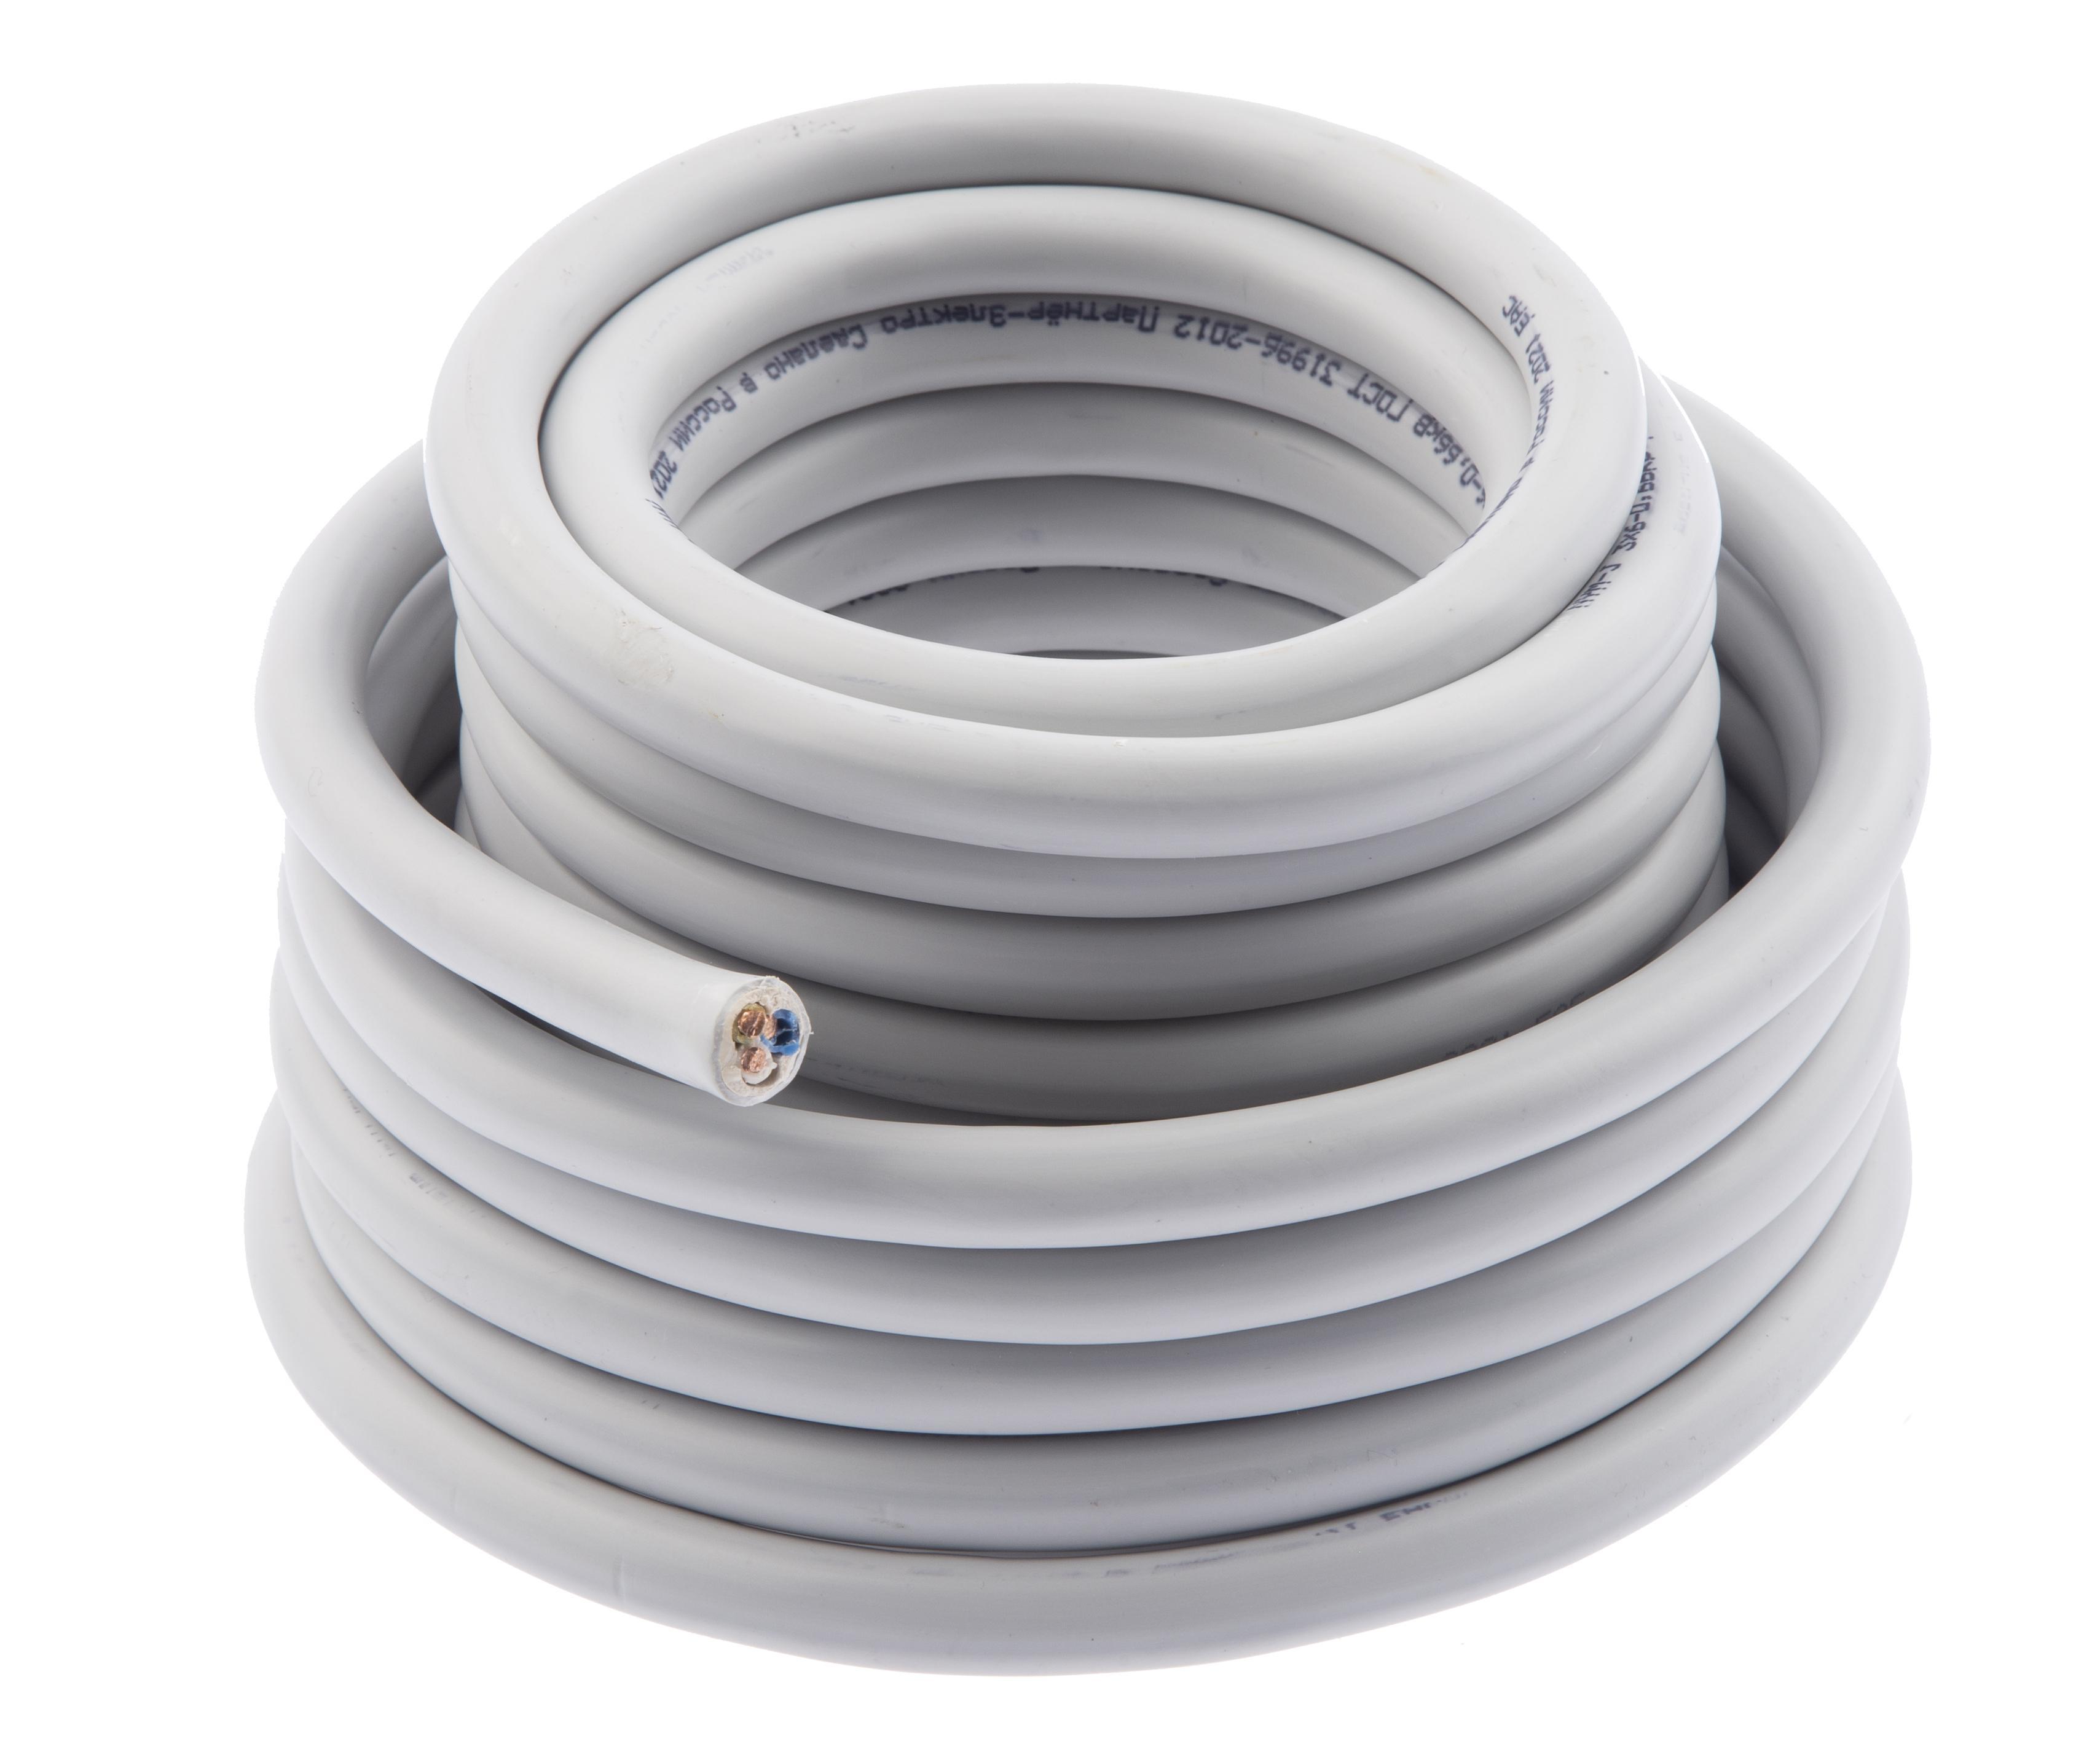 Кабель ПАРТНЕР-ЭЛЕКТРО Nym 3х6 ГОСТ (10м) кабель партнер электро nym 2х1 5 гост 100м